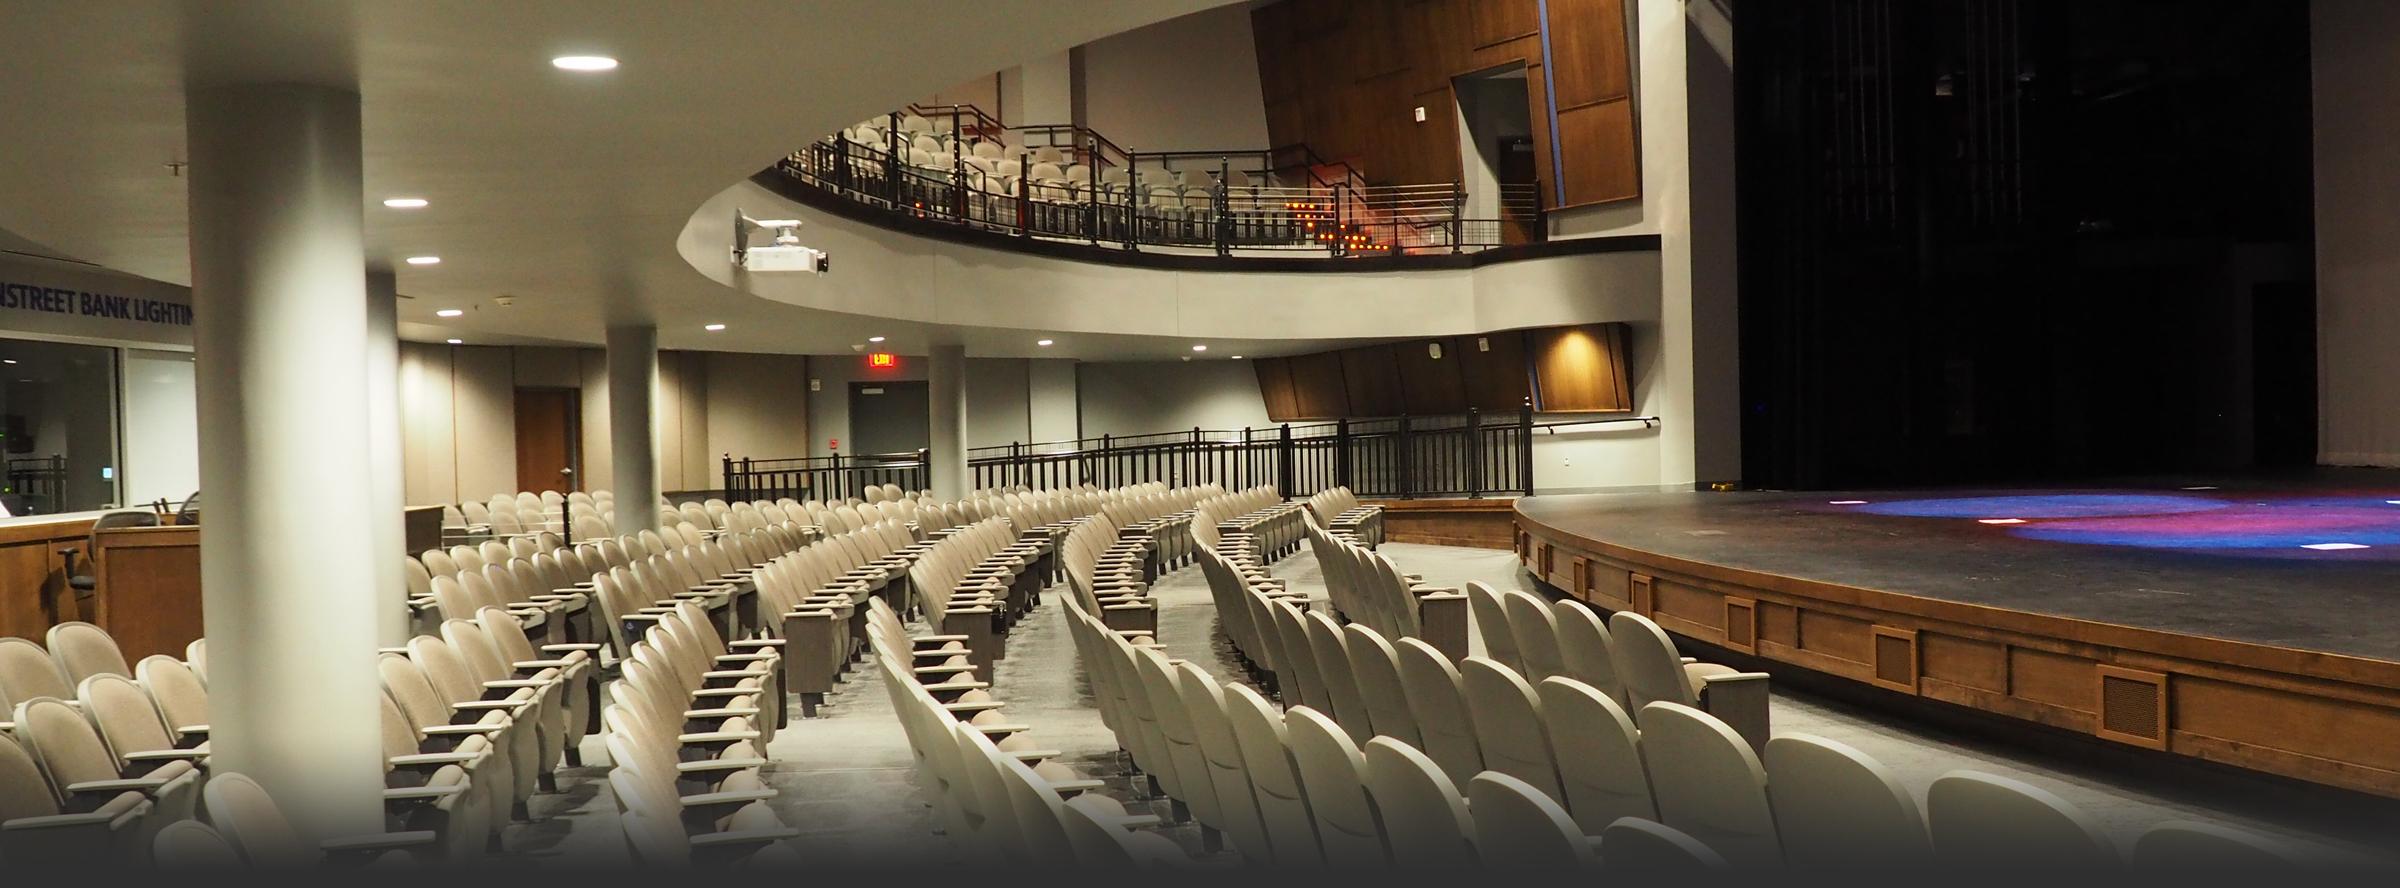 Peru State College Theater Building